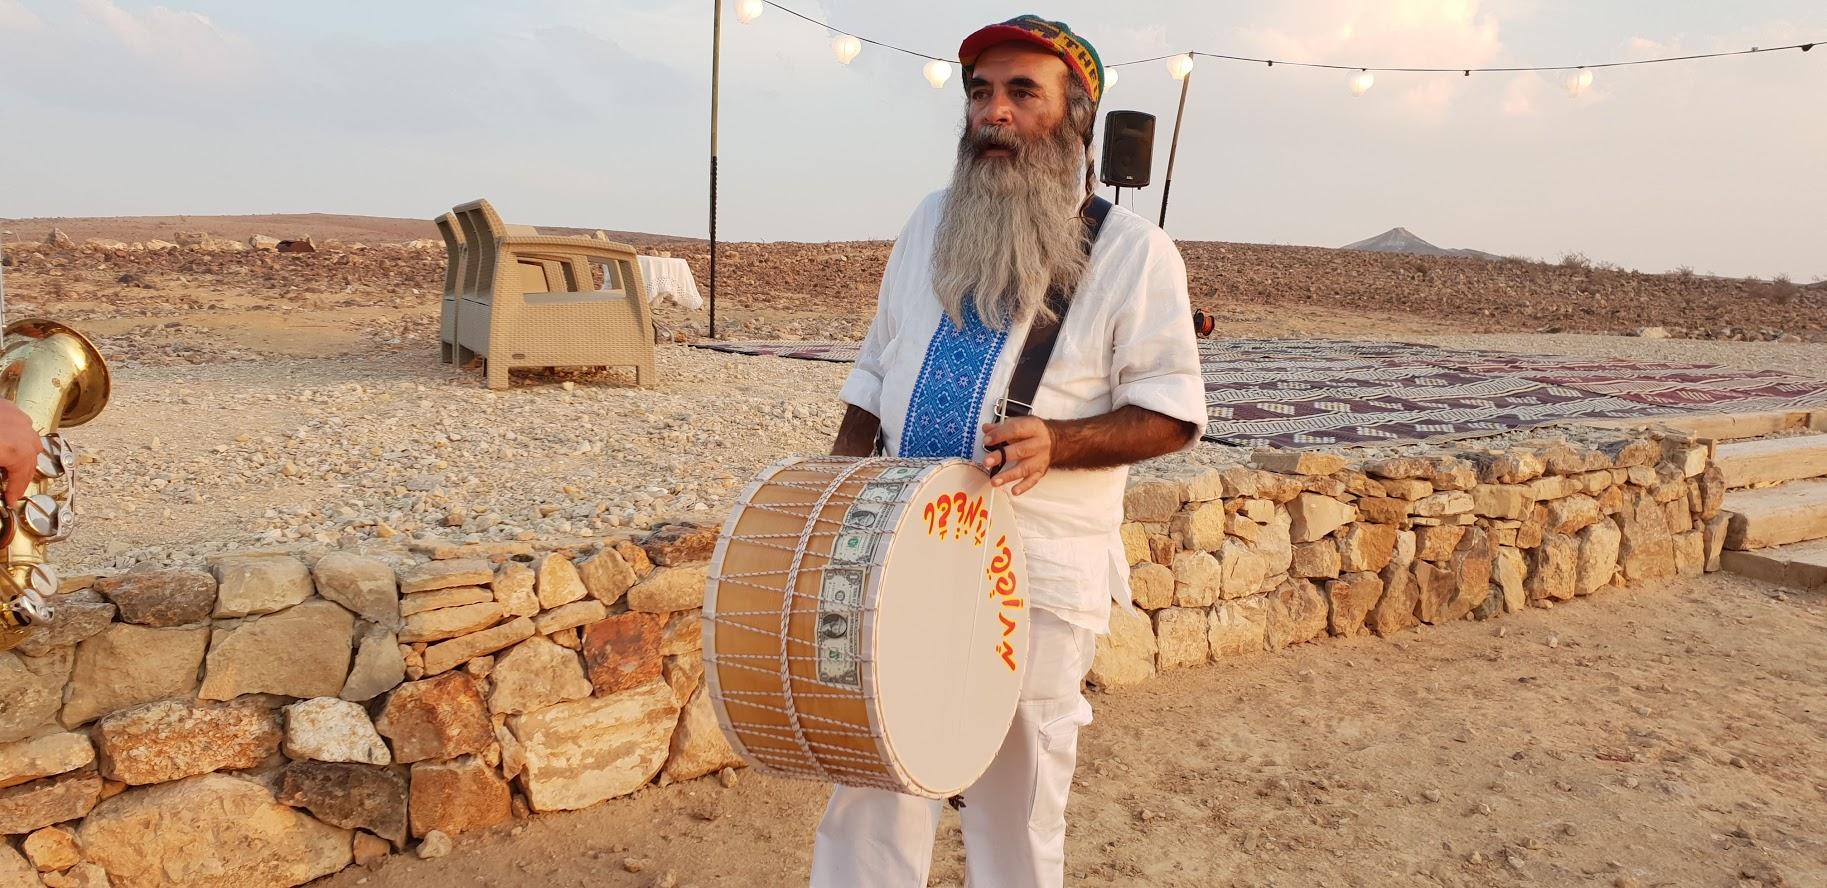 חתונה במדבר עם מתופפים